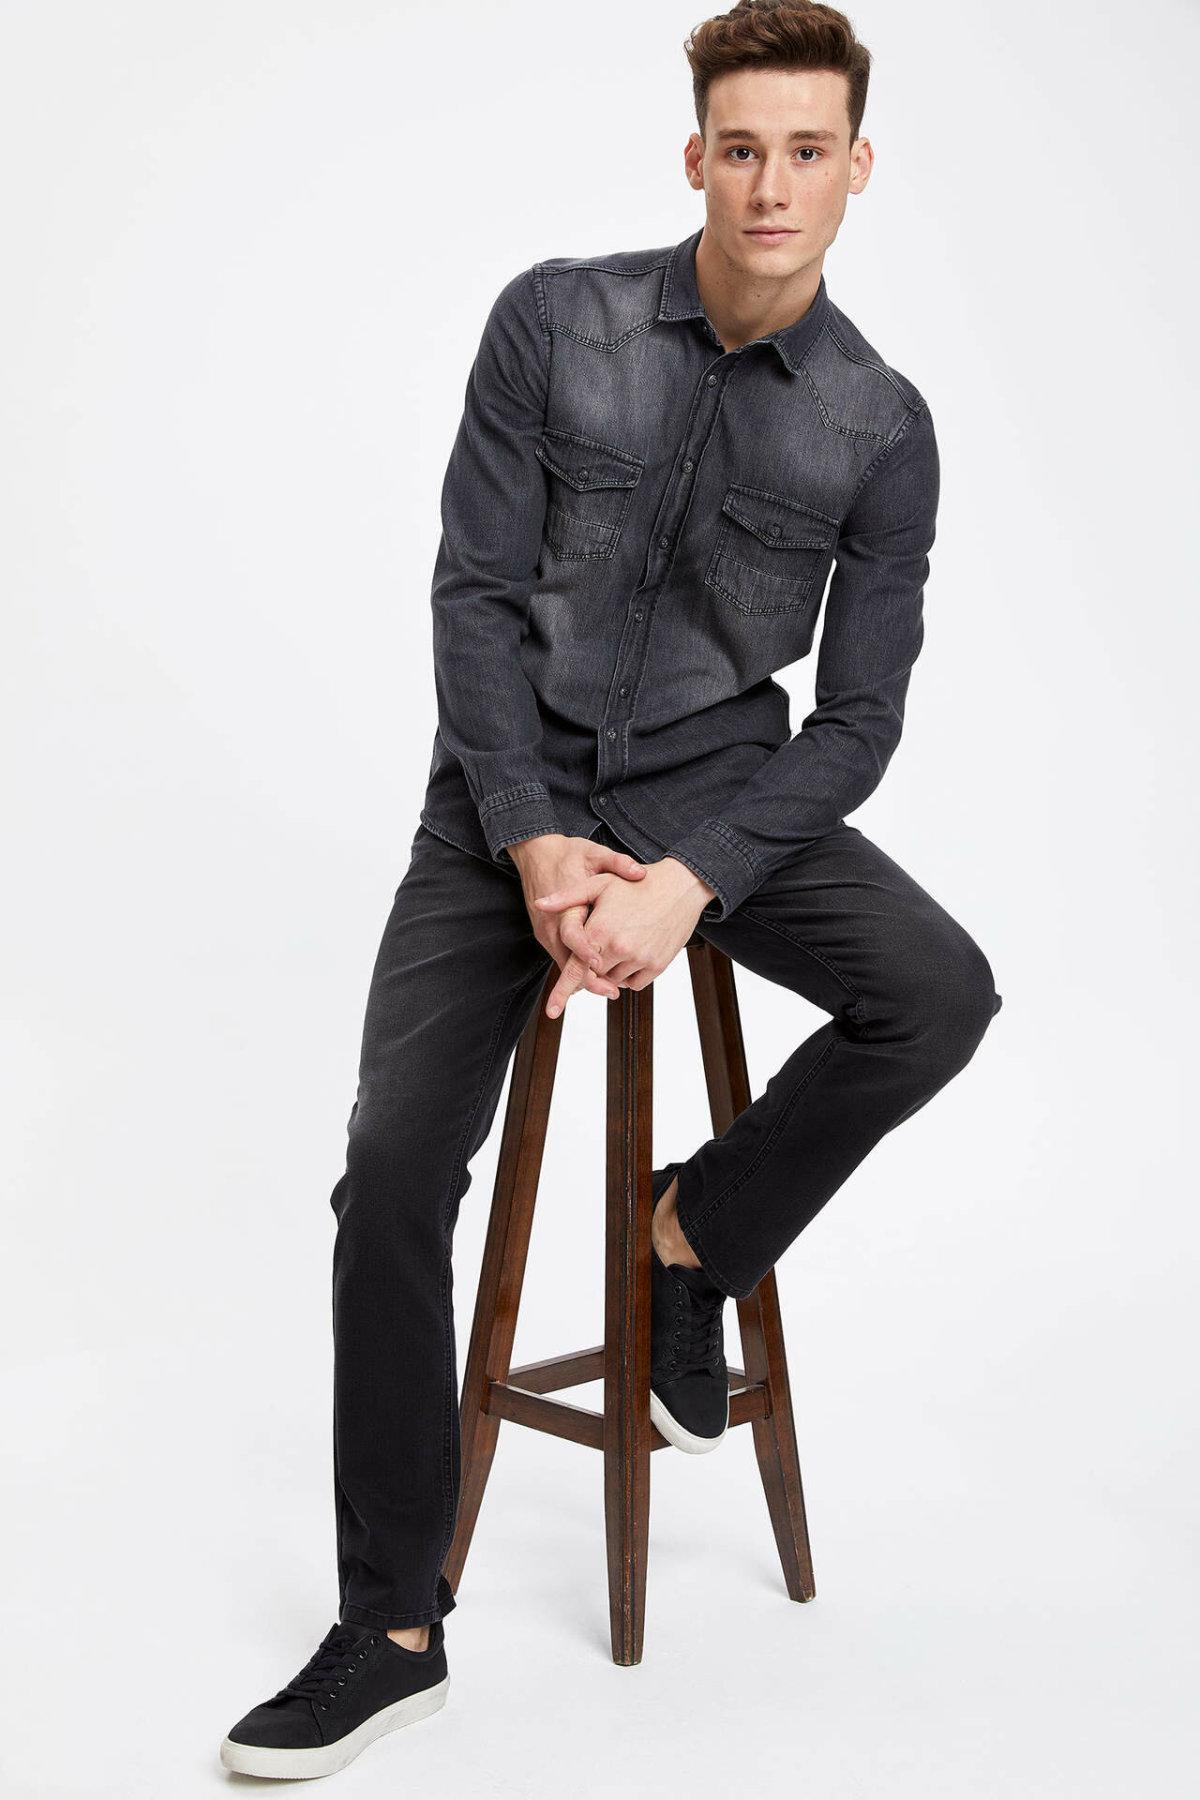 DeFacto Классический мужчин черный Denim джинсы Сыпучие Mid талией джинсовой длинные брюки повседневные Омывается джинсы Брюки-K4122AZ19SP